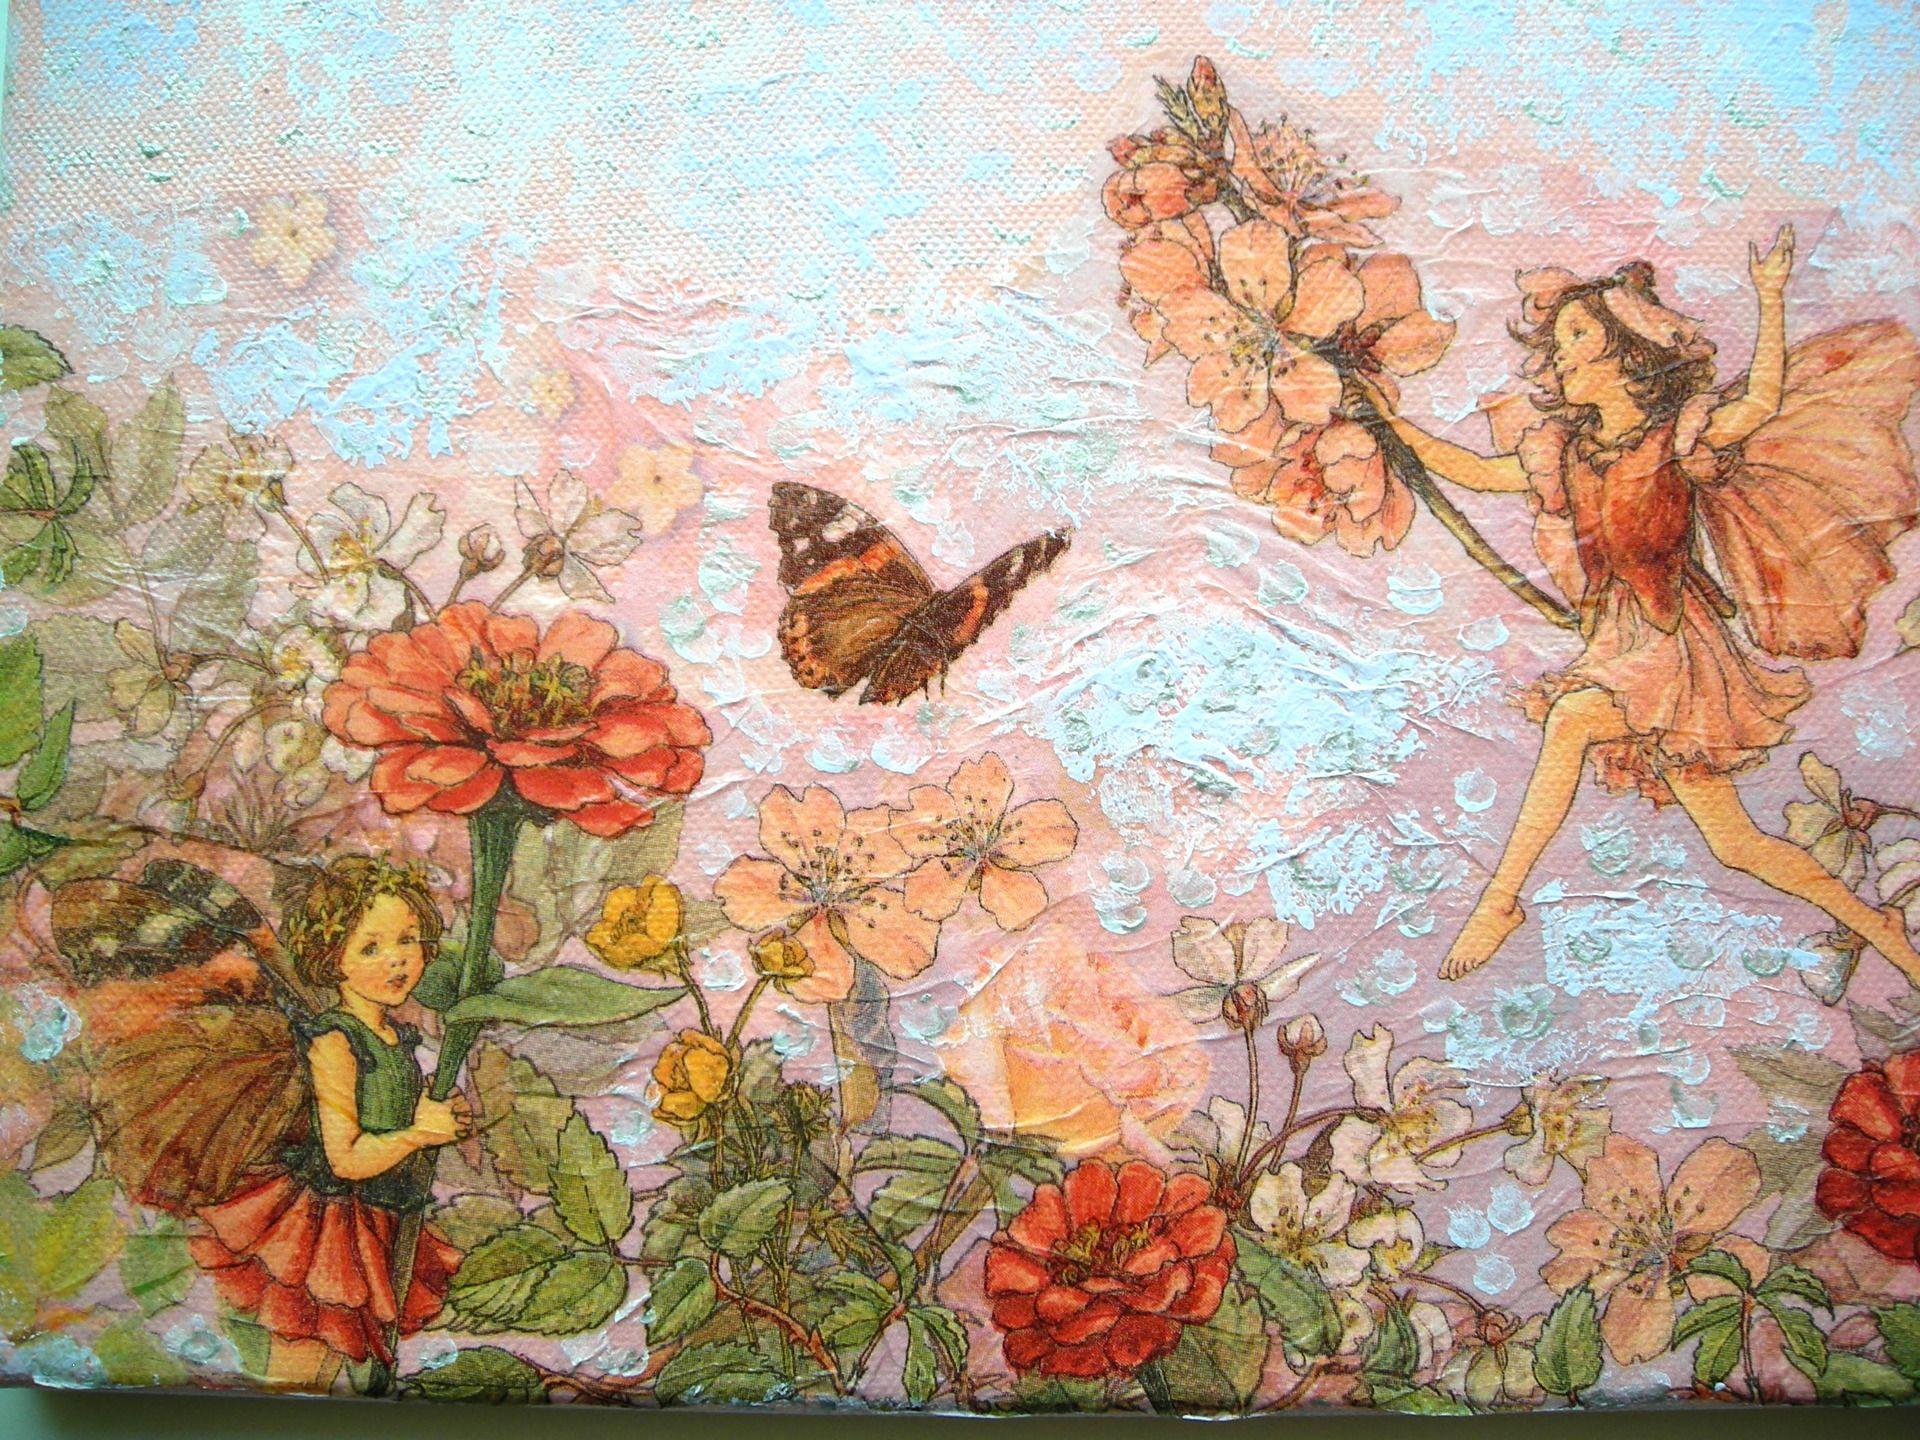 collage peinture acrylique et vernis sur toile enduite 22 x 33 cm jolies elfes dans les fleurs. Black Bedroom Furniture Sets. Home Design Ideas